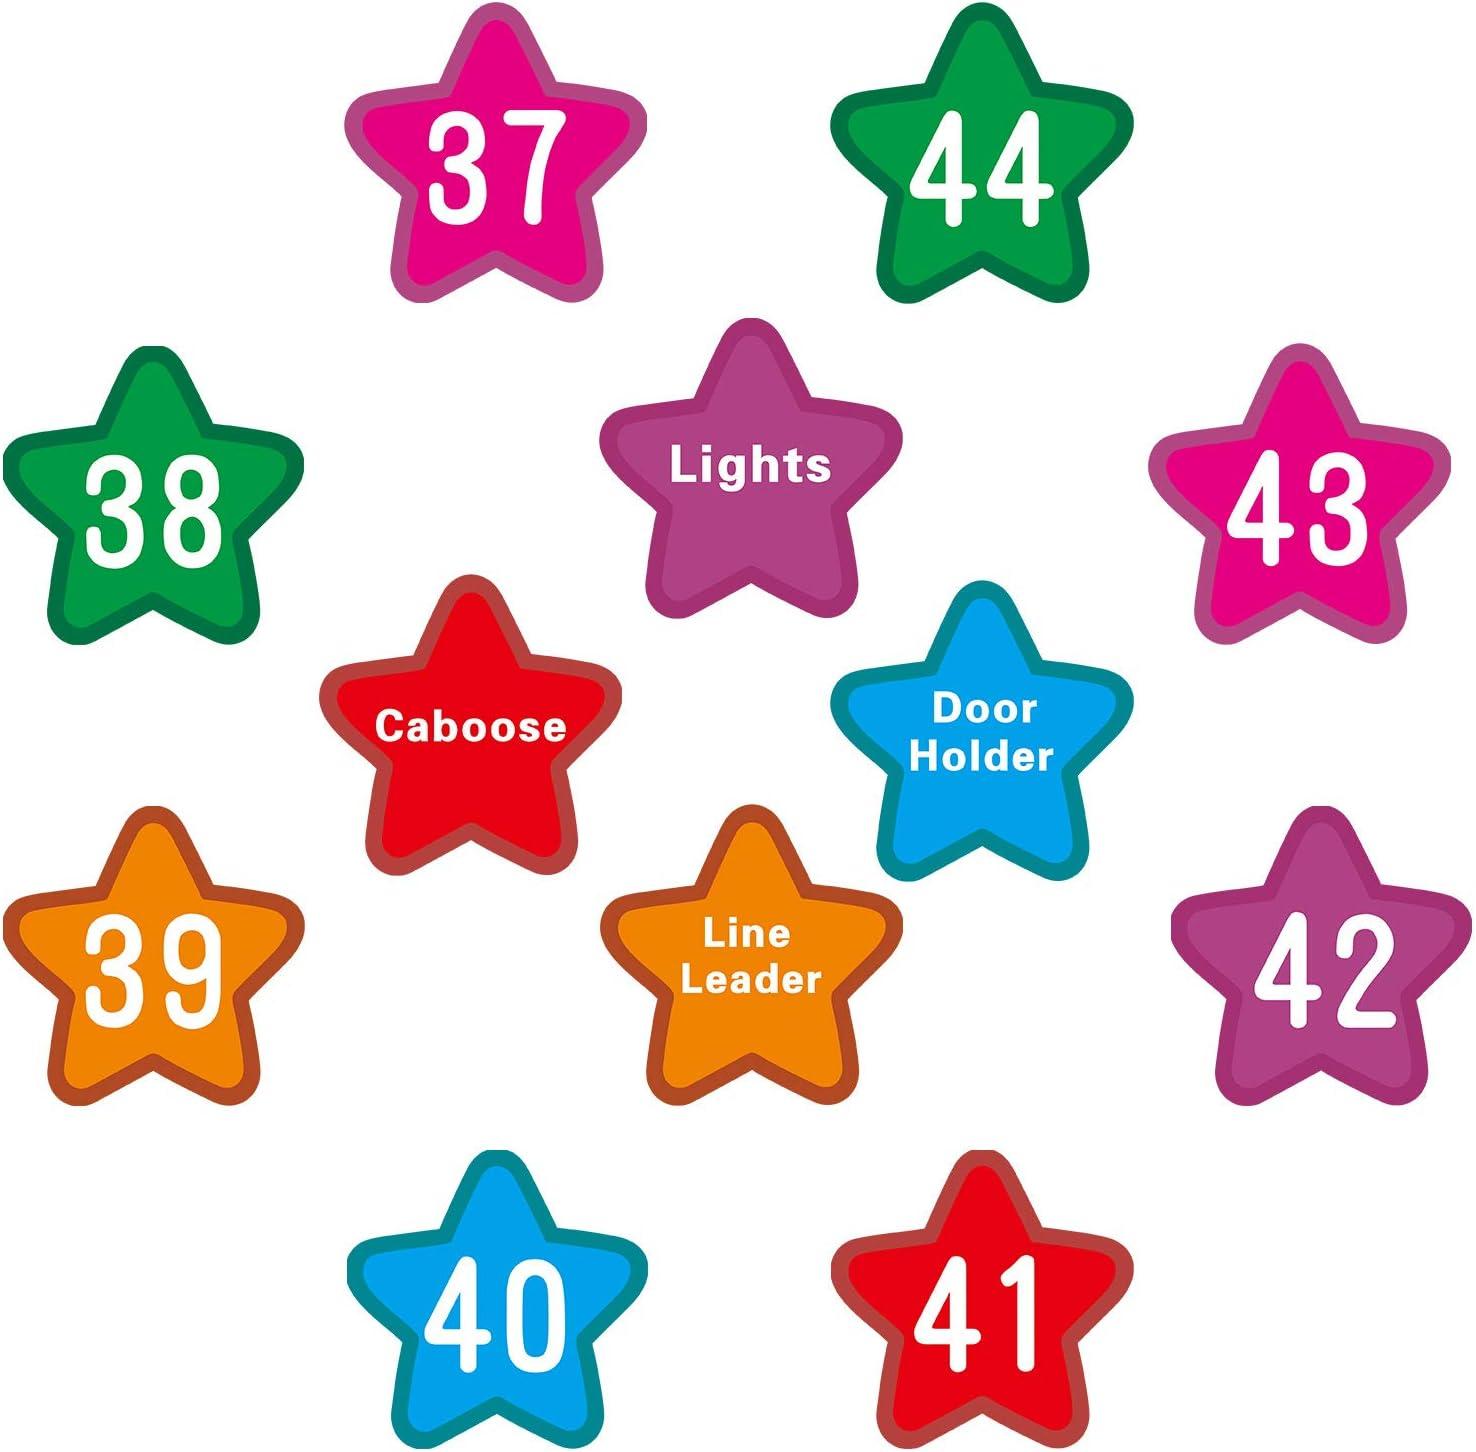 48 Pi/èces Marqueurs et /Étiquettes de Spot de Num/éro Spots de Tapis en Forme d/'/Étoile Aides de Spots dAlignement de Classes Marqueurs de Tapis Color/és avec Num/éro